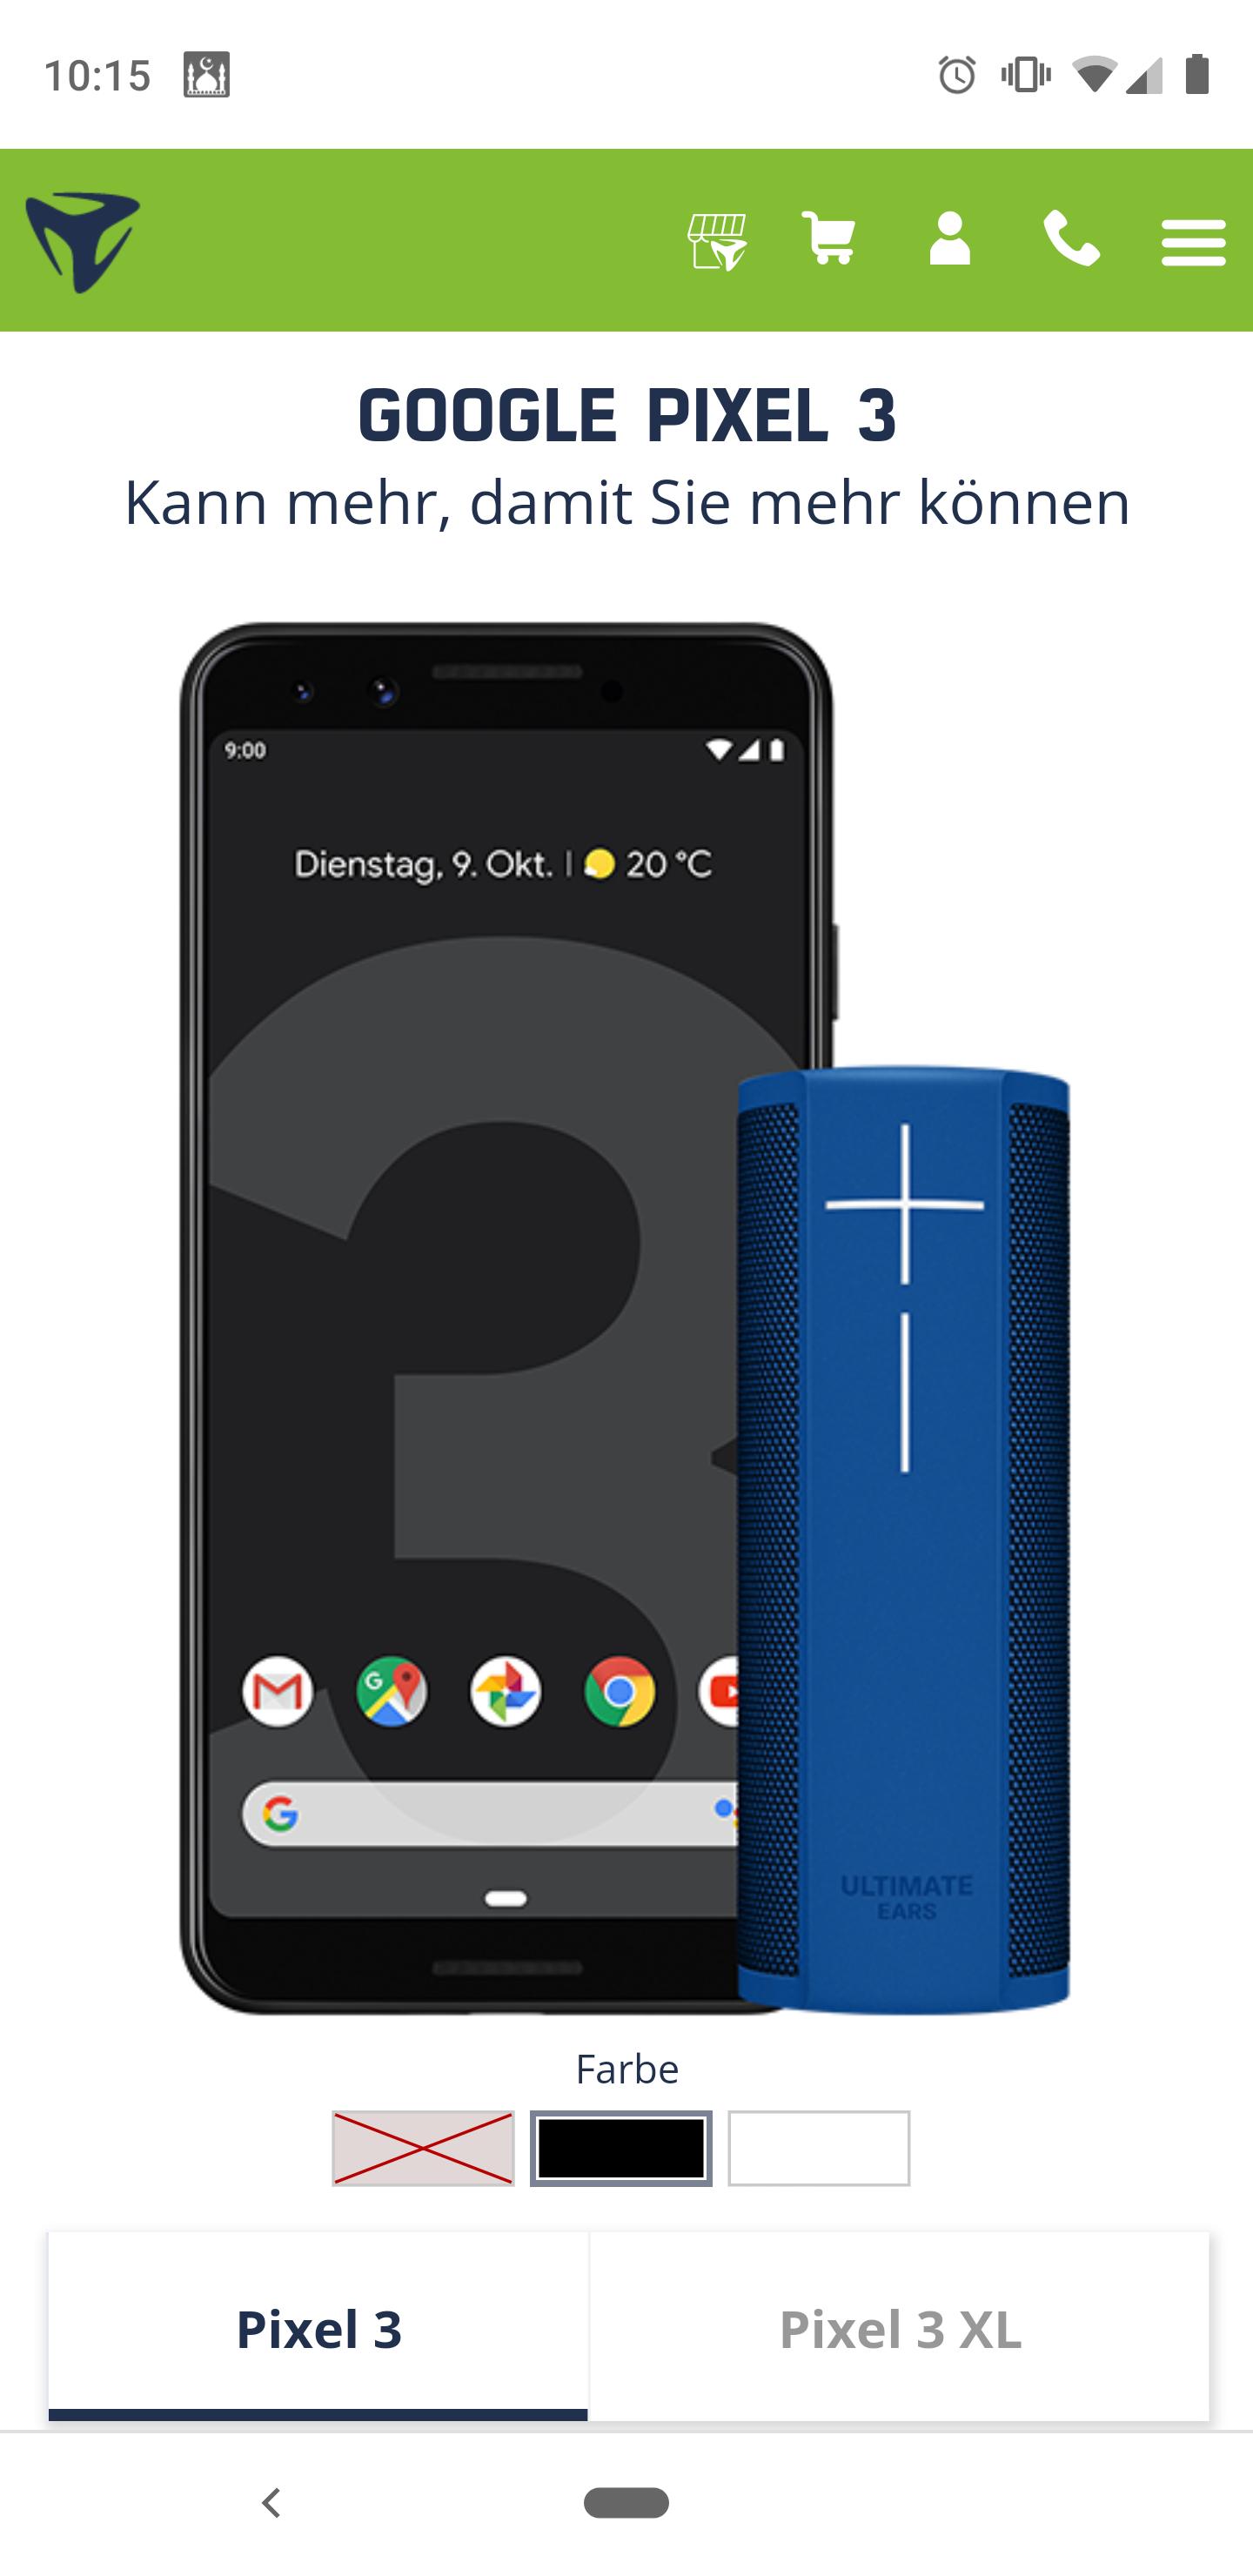 Google Pixel 3 128gb in schwarz oder weiß mit UE Blast!